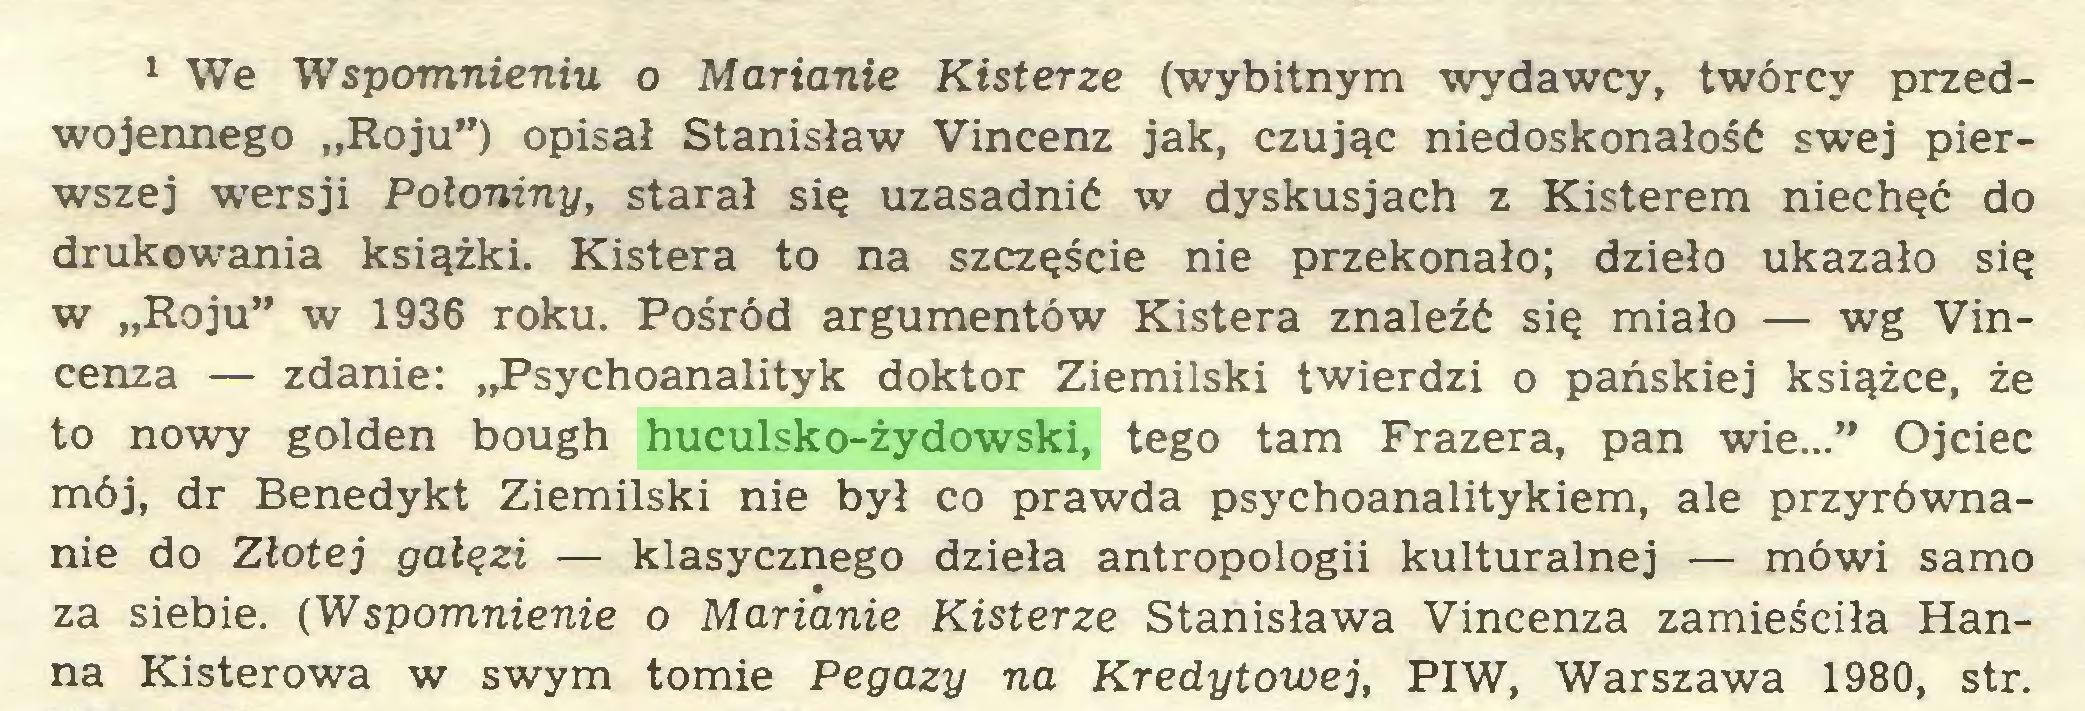 """(...) 1 We Wspomnieniu o Marianie Kisterze (wybitnym wydawcy, twórcy przedwojennego """"Roju"""") opisał Stanisław Vincenz jak, czując niedoskonałość swej pierwszej wersji Połoniny, starał się uzasadnić w dyskusjach z Kisterem niechęć do drukowania książki. Kistera to na szczęście nie przekonało; dzieło ukazało się w """"Roju"""" w 1936 roku. Pośród argumentów Kistera znaleźć się miało — wg Vincenza — zdanie: """"Psychoanalityk doktor Ziemilski twierdzi o pańskiej książce, że to nowy golden bough huculsko-żydowski, tego tam Frazera, pan wie..."""" Ojciec mój, dr Benedykt Ziemilski nie był co prawda psychoanalitykiem, ale przyrównanie do Złotej gałęzi — klasycznego dzieła antropologii kulturalnej — mówi samo za siebie. (Wspomnienie o Marianie Kisterze Stanisława Vincenza zamieściła Hanna Kisterowa w swym tomie Pegazy na Kredytowej, PIW, Warszawa 1980, str..."""